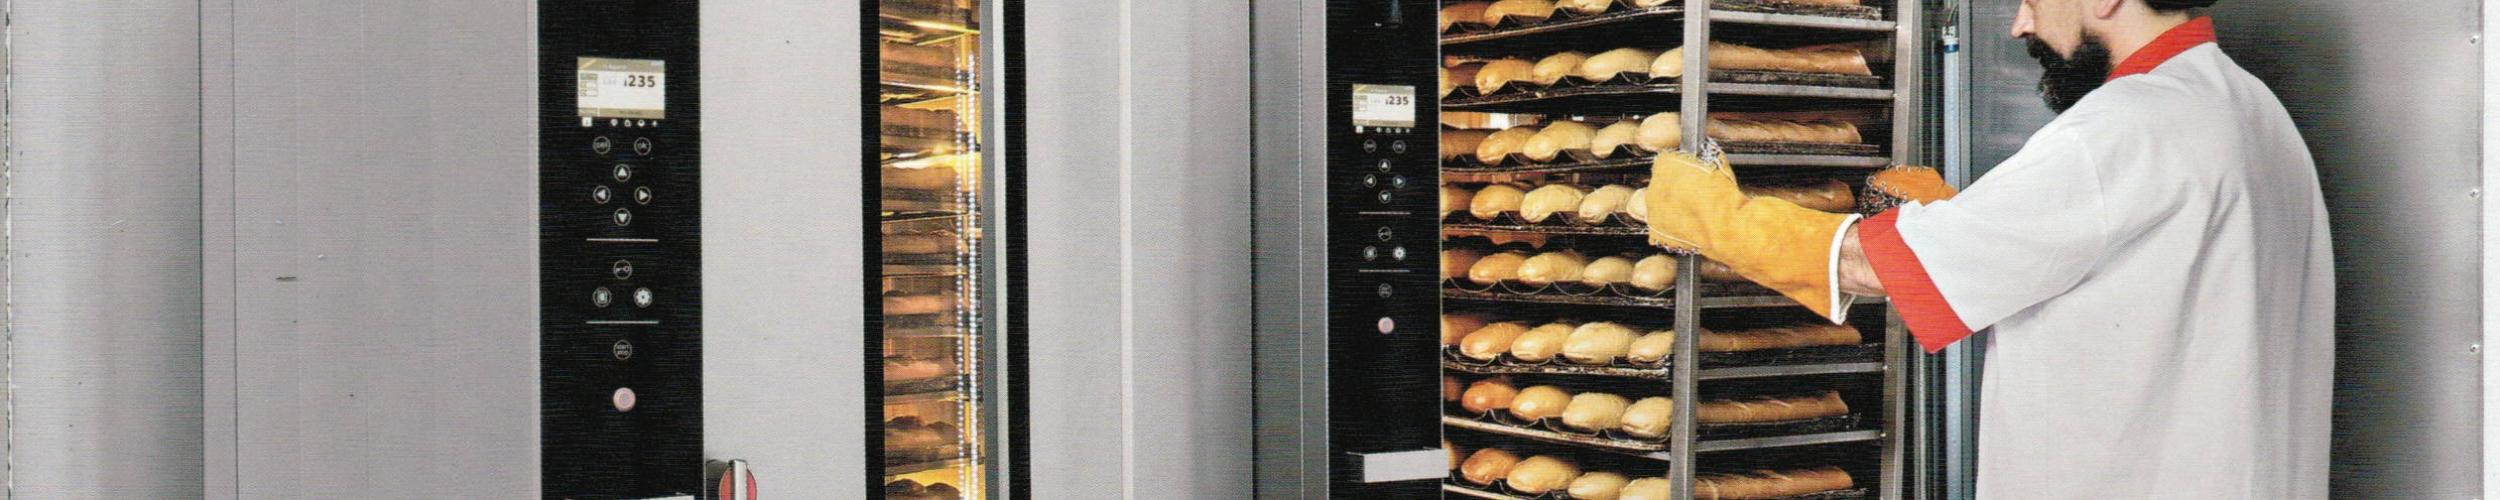 Rotatieovens en ovens vaste kar